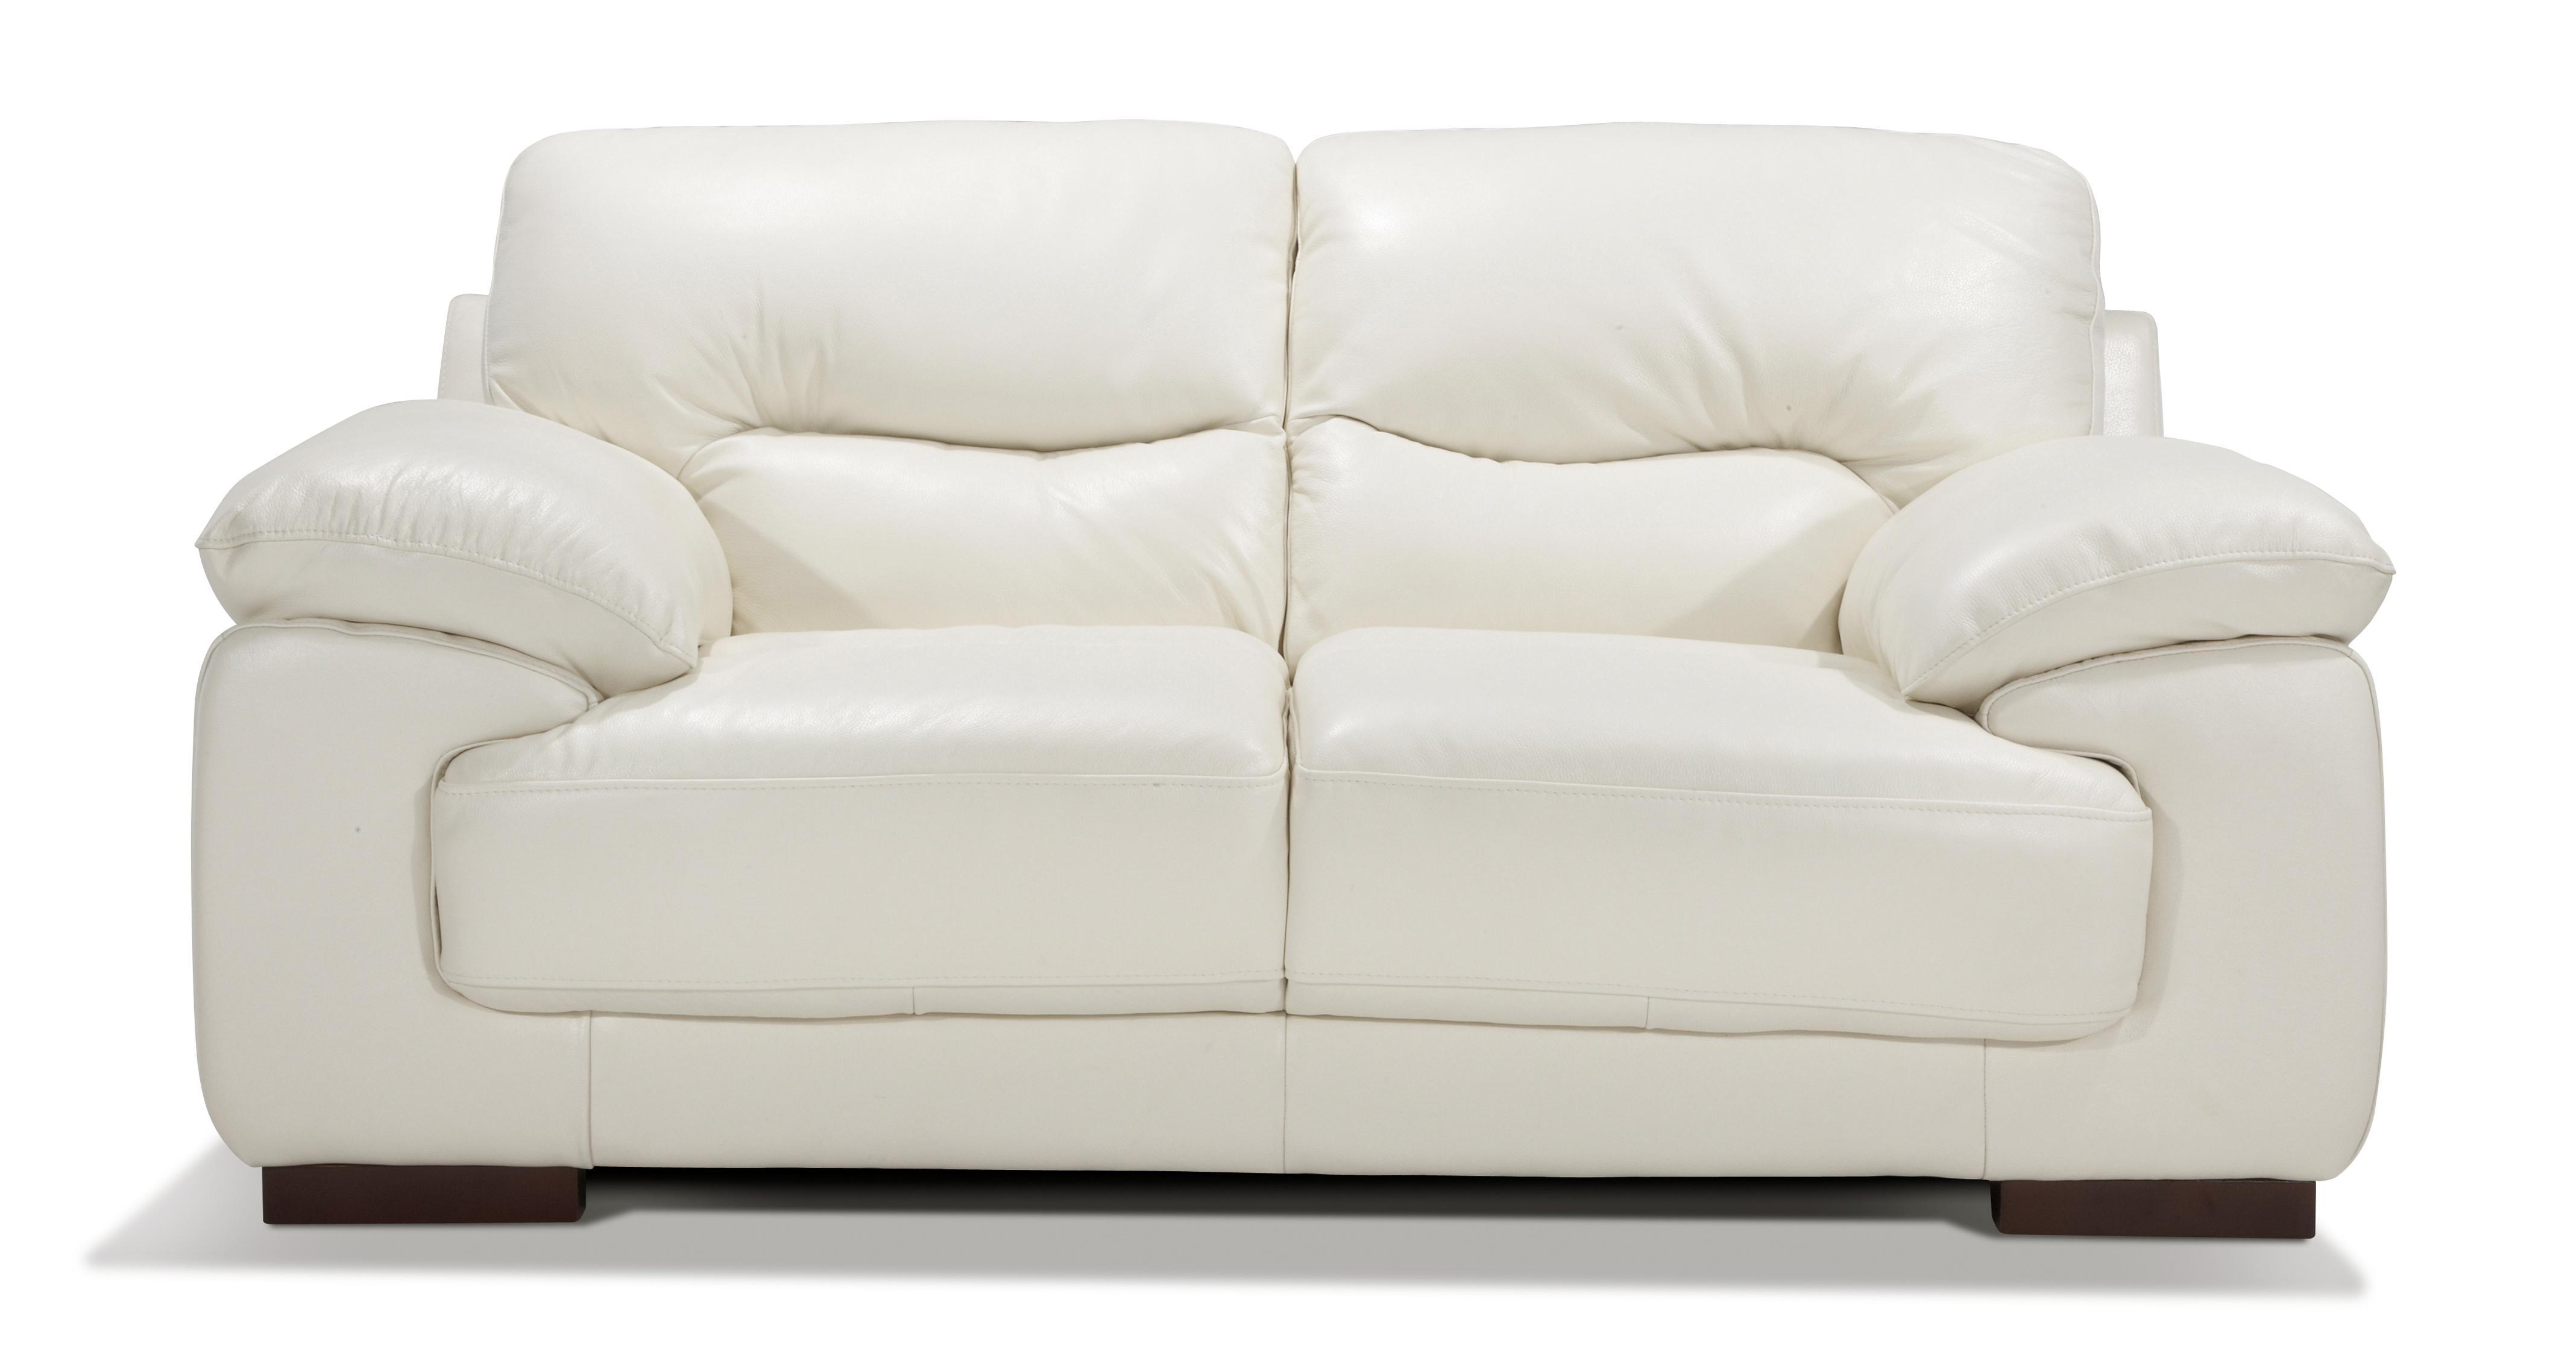 Excellent Dazzle 2 Seater Sofa Uwap Interior Chair Design Uwaporg